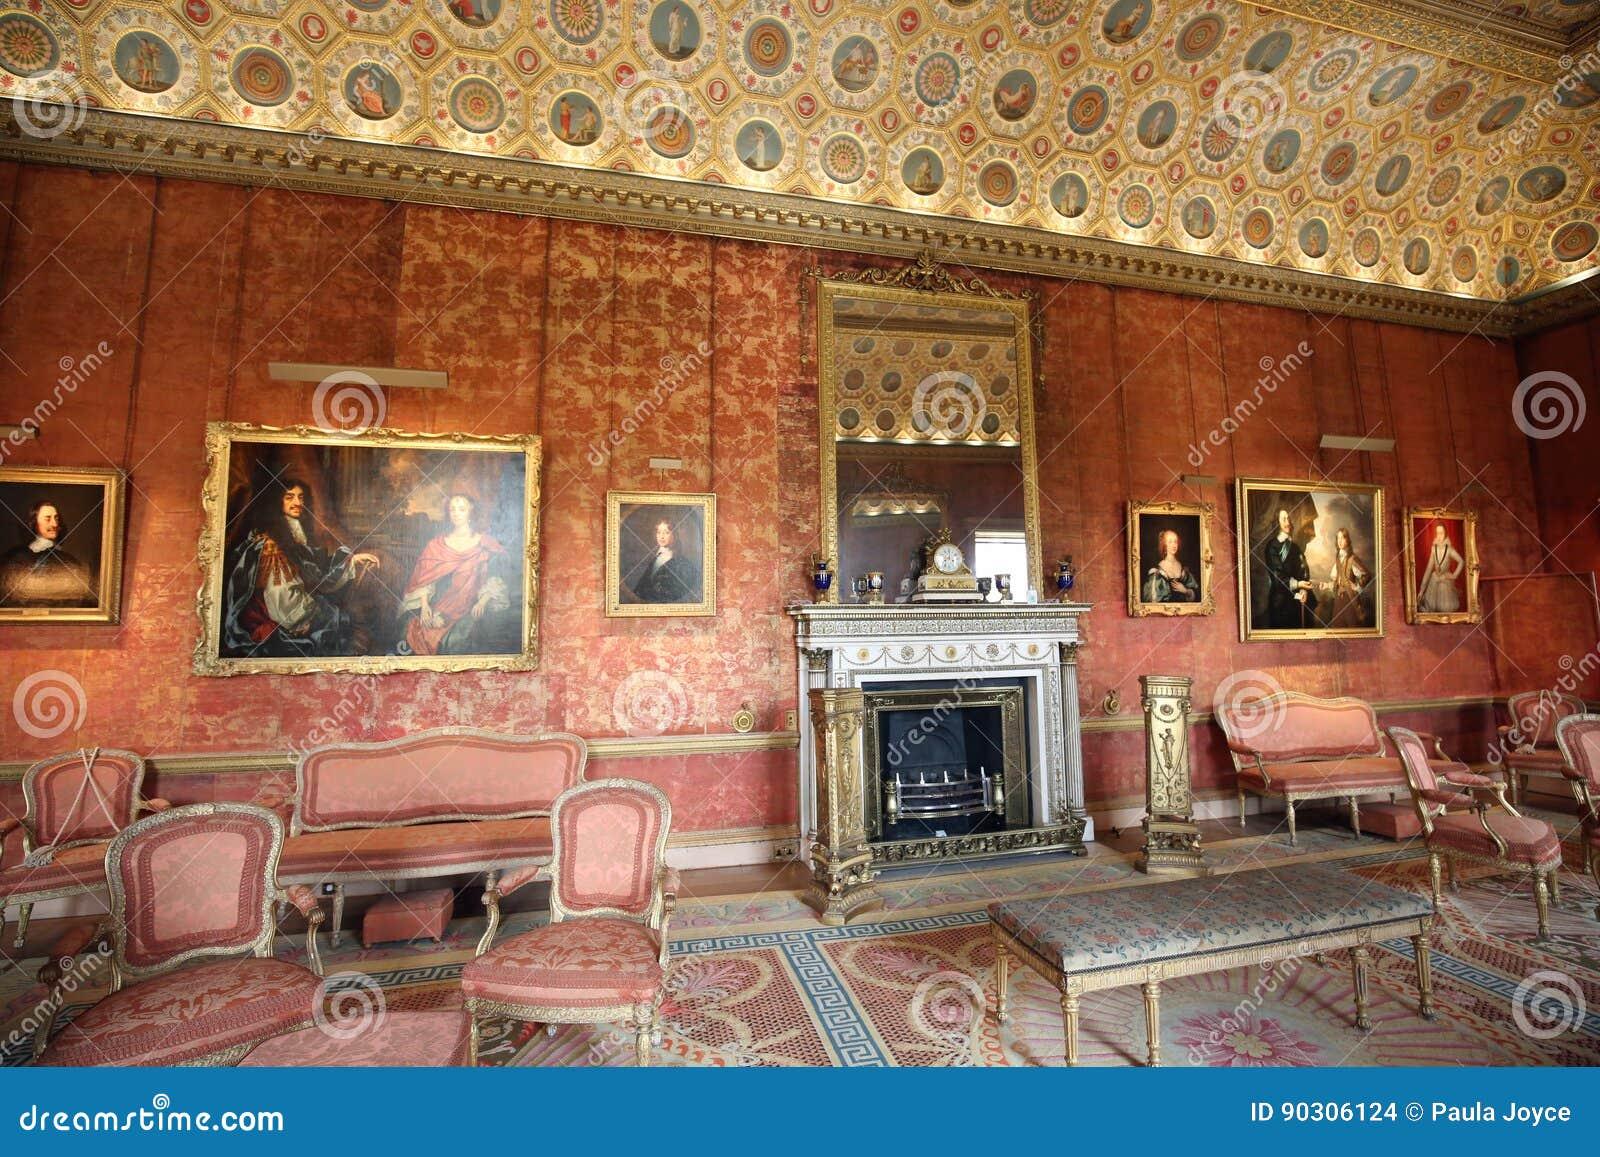 https://thumbs.dreamstime.com/z/de-prachtige-woonkamer-volledig-van-schilderijen-van-royalty-van-jaren-voorbijgegaan-90306124.jpg